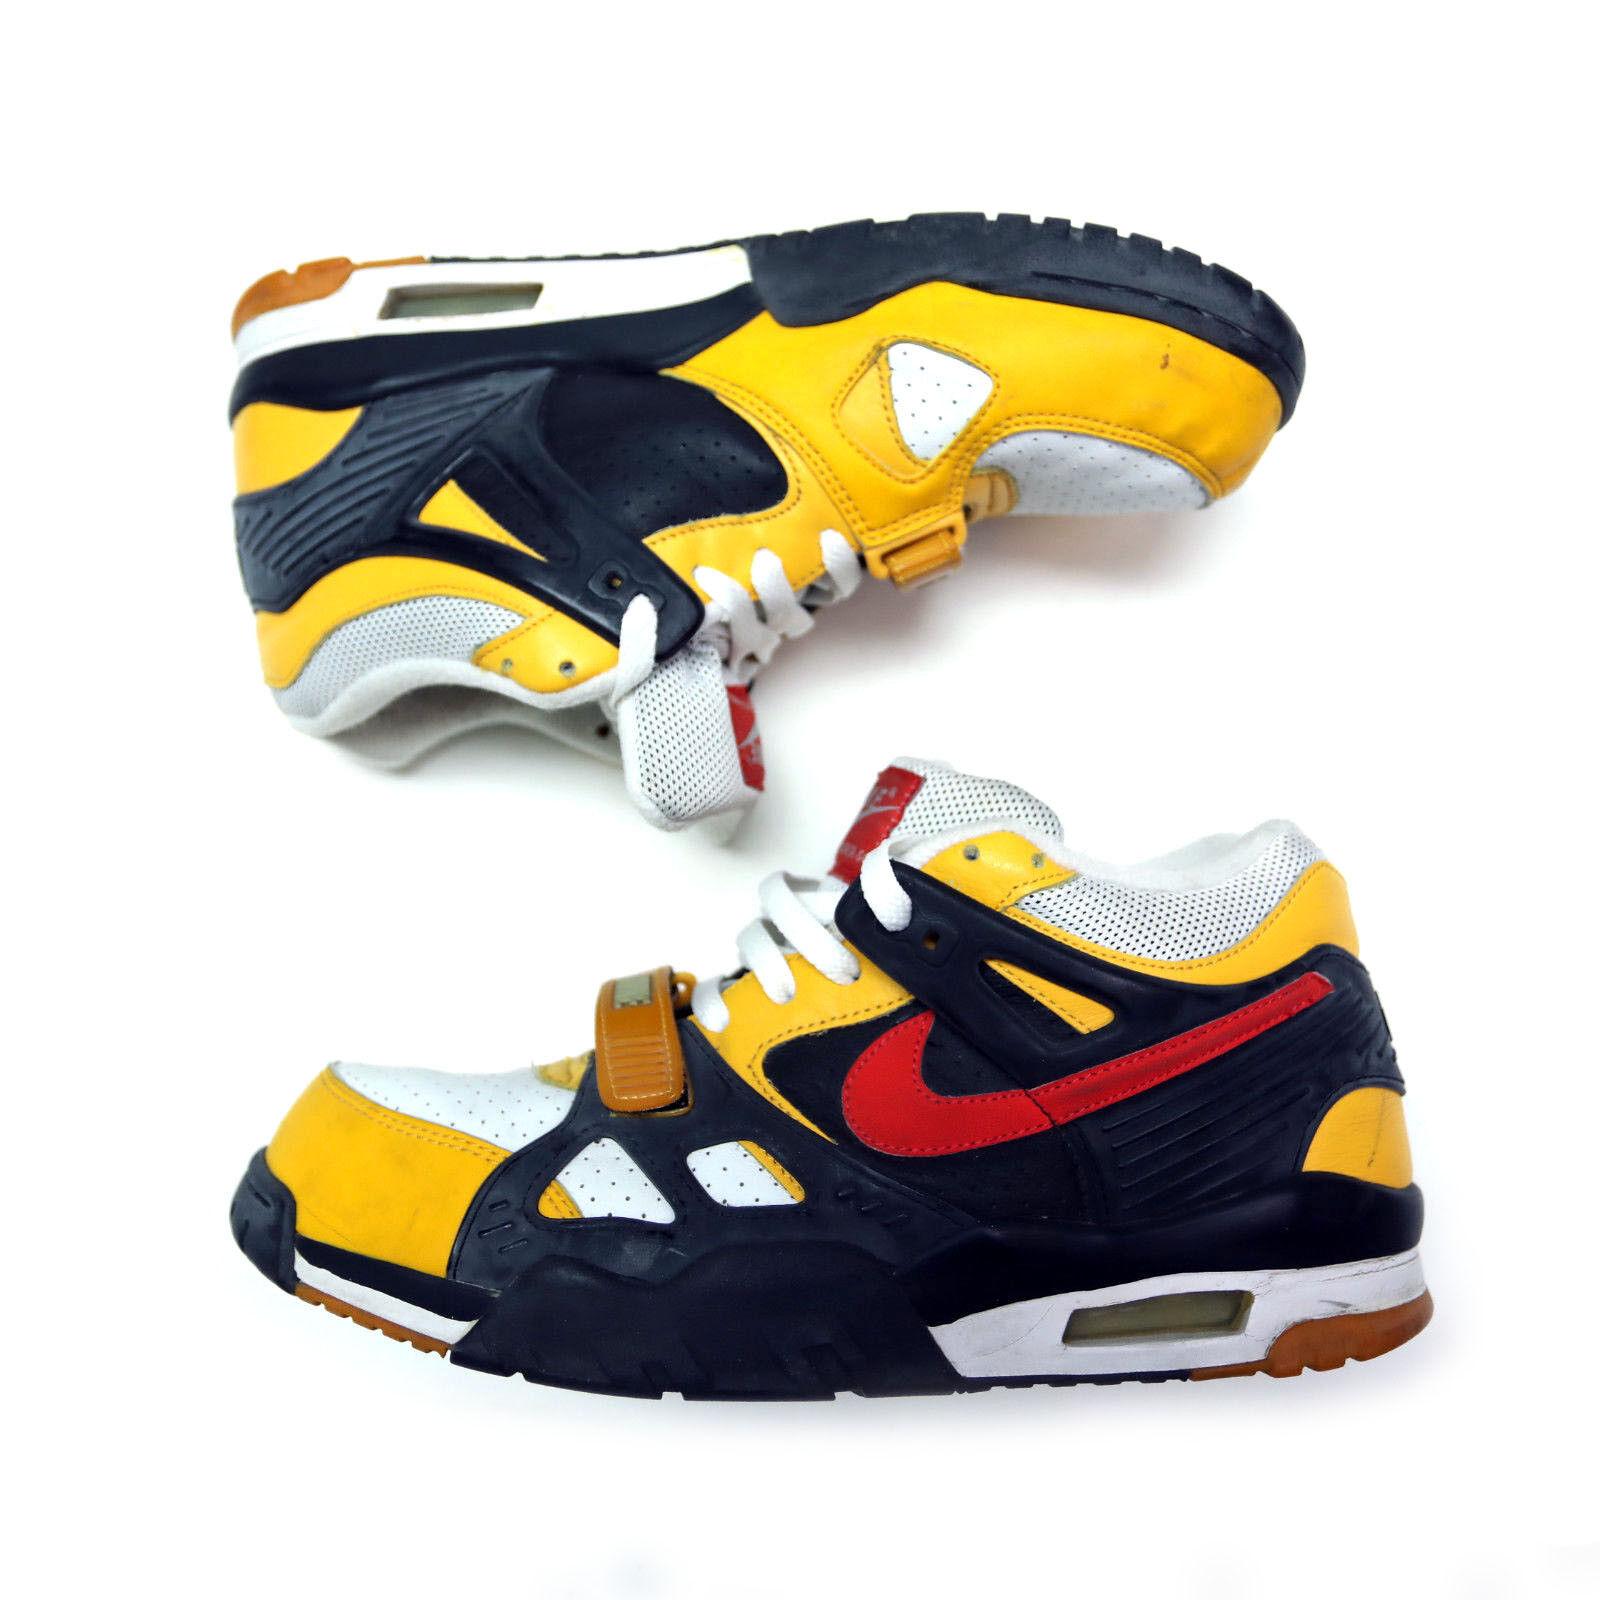 Nike Air Trainer III hombres cómodos zapatos nuevos para limitado hombres y mujeres, el limitado para tiempo de descuento 0a16ec